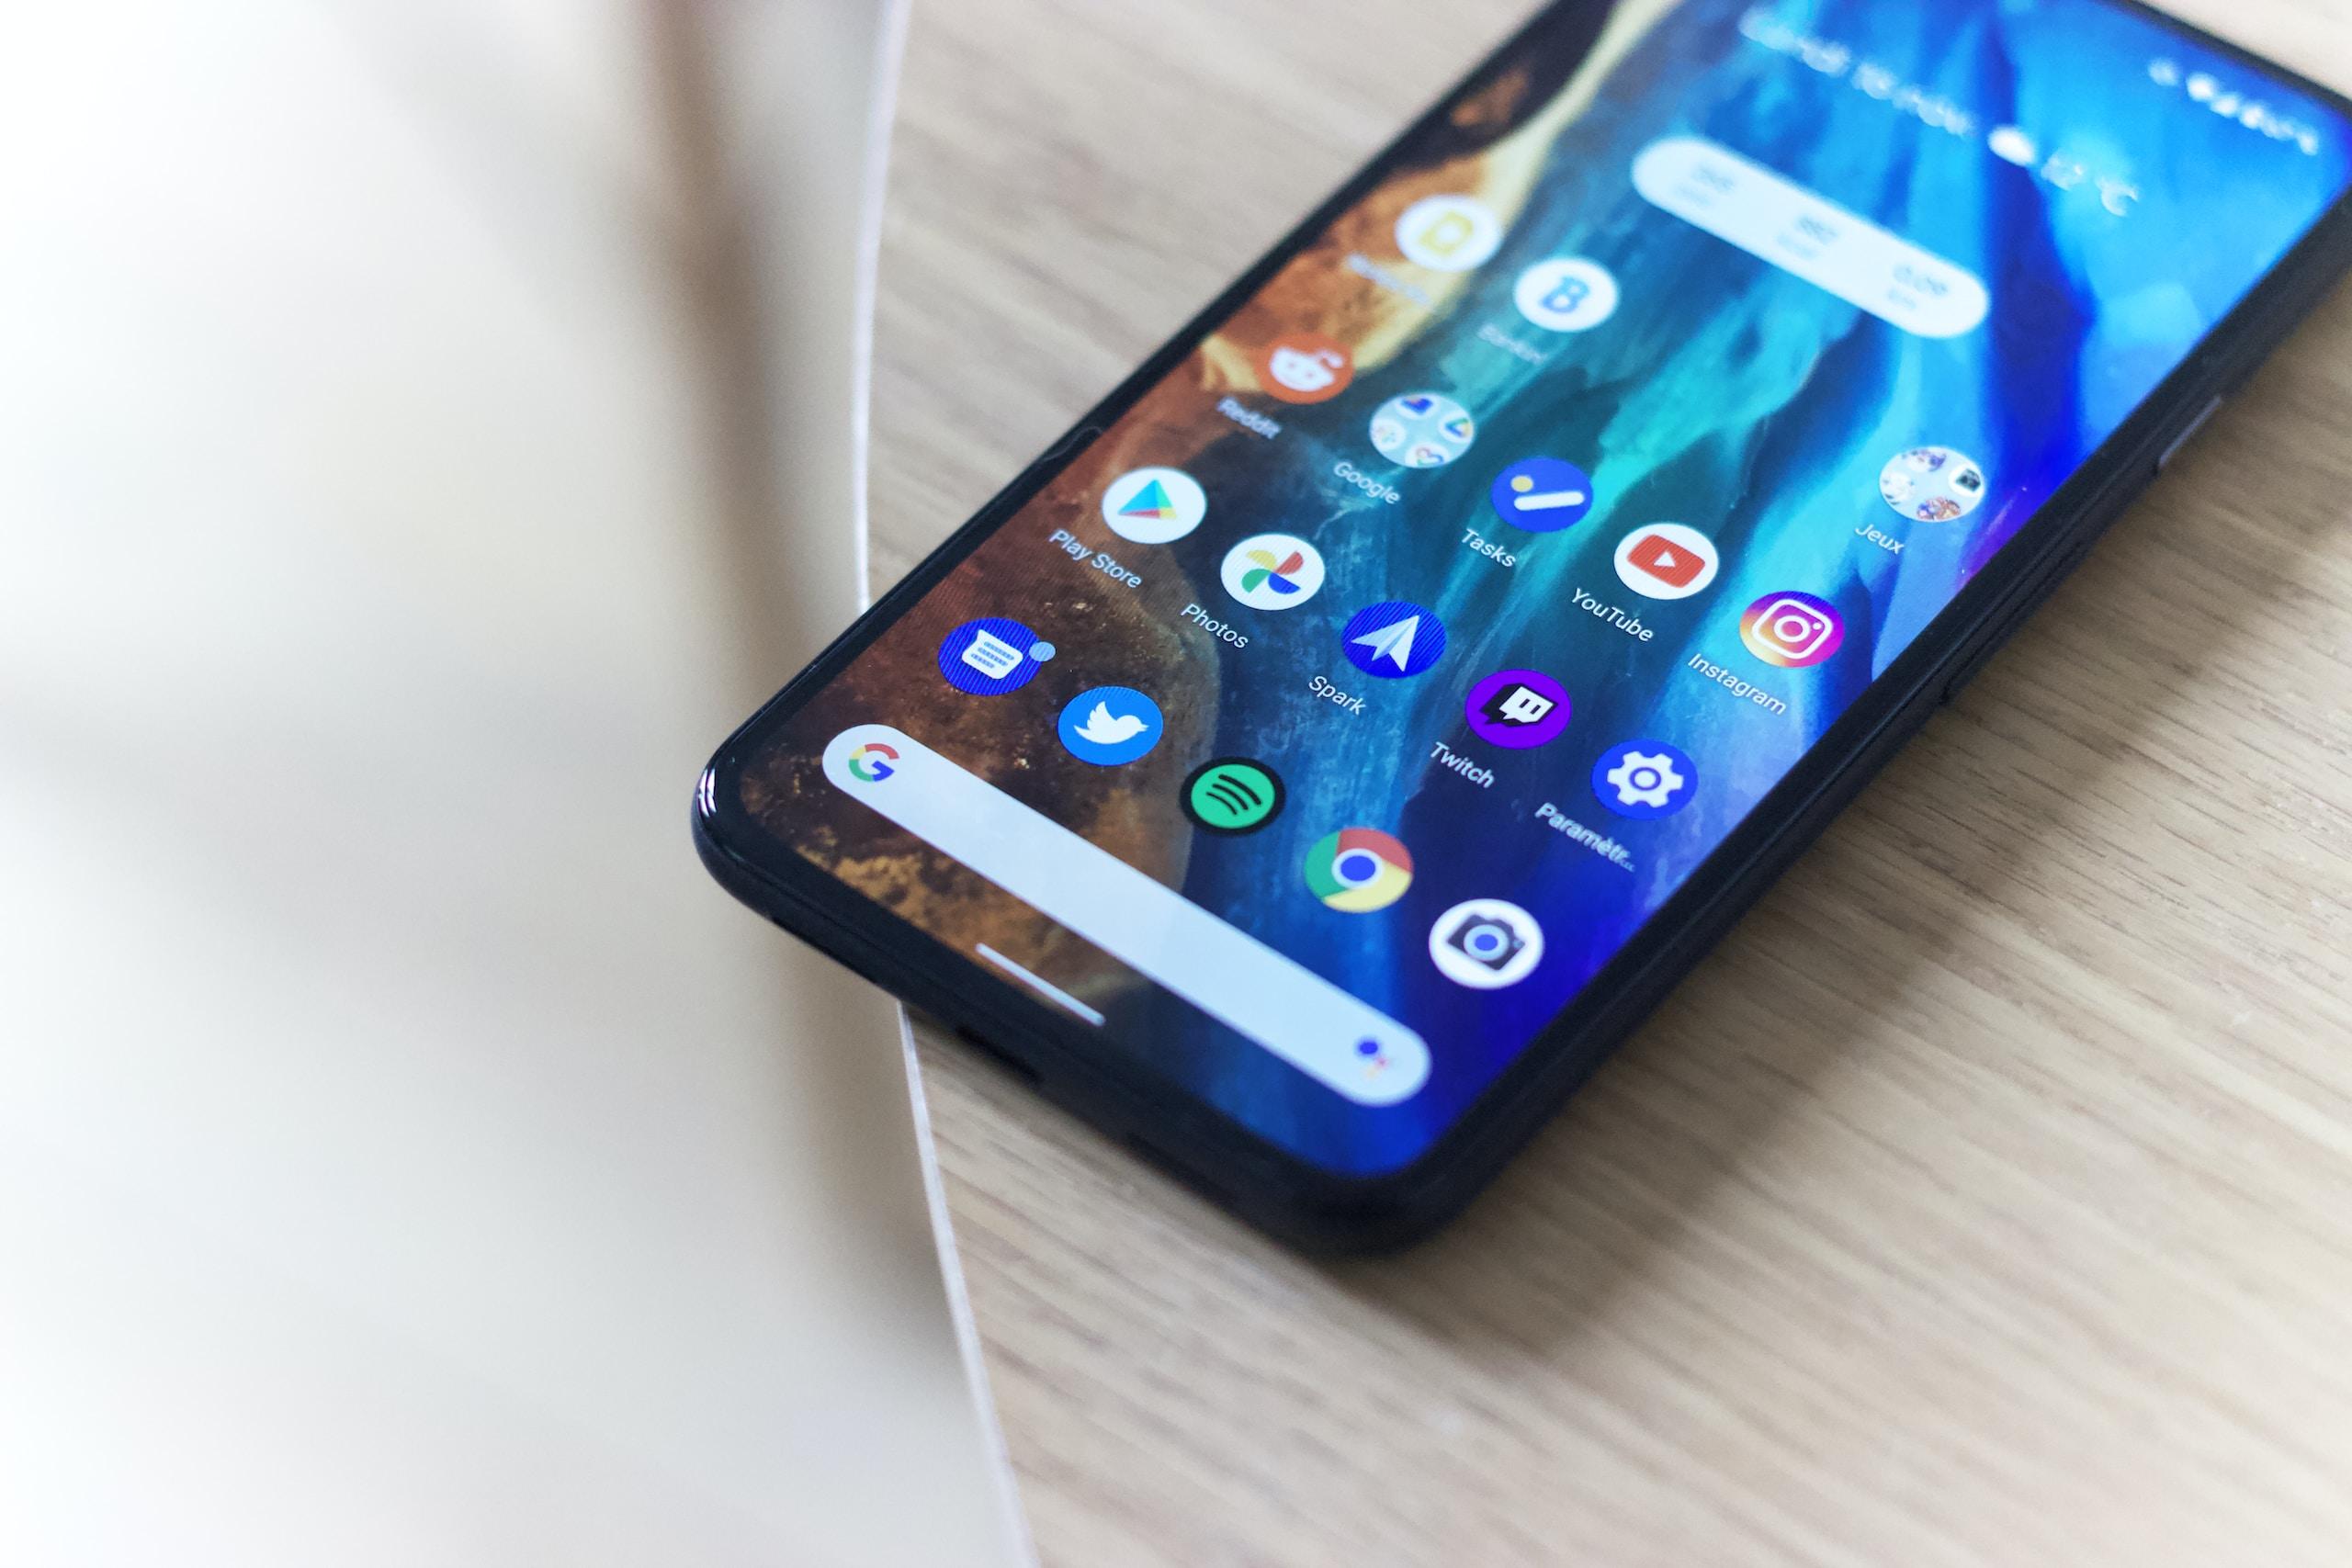 Android 12 promete mejores opciones de privacidad para los usuarios no sean rastreados